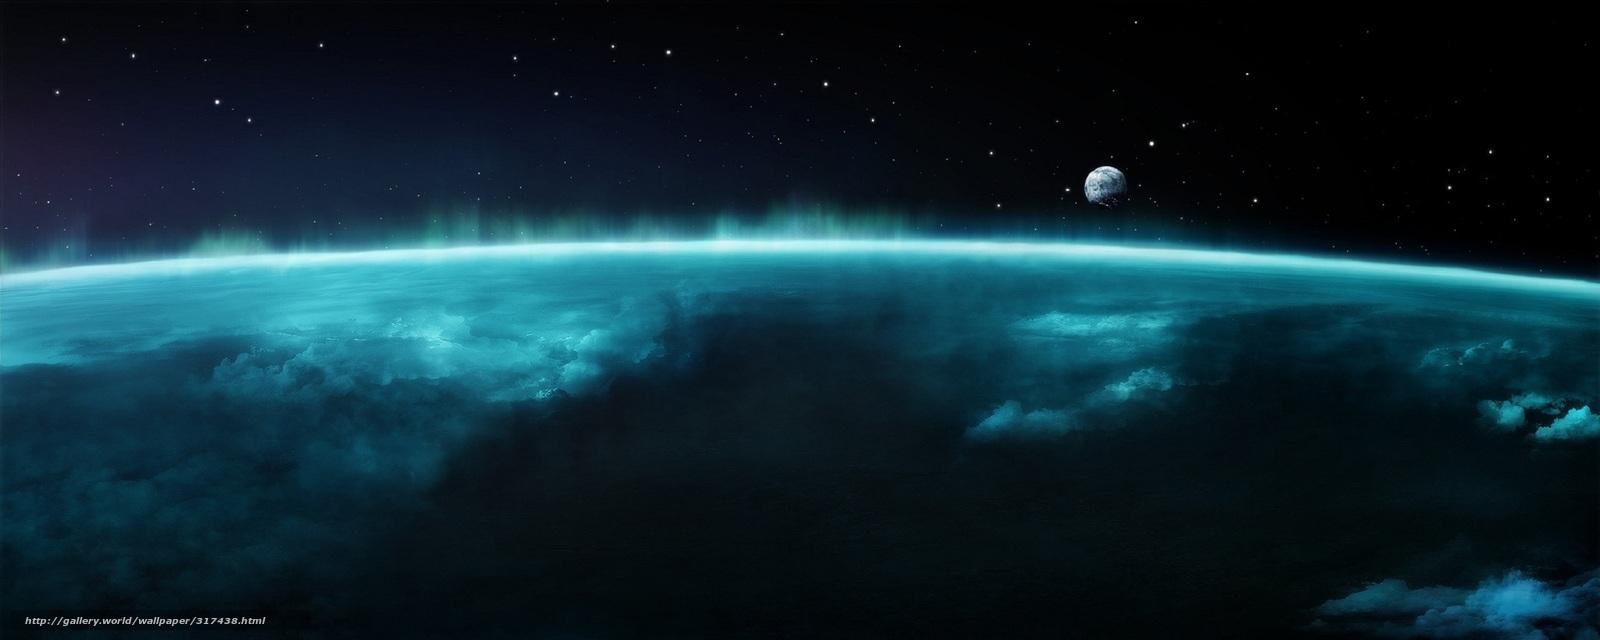 Скачать обои земля луна космос